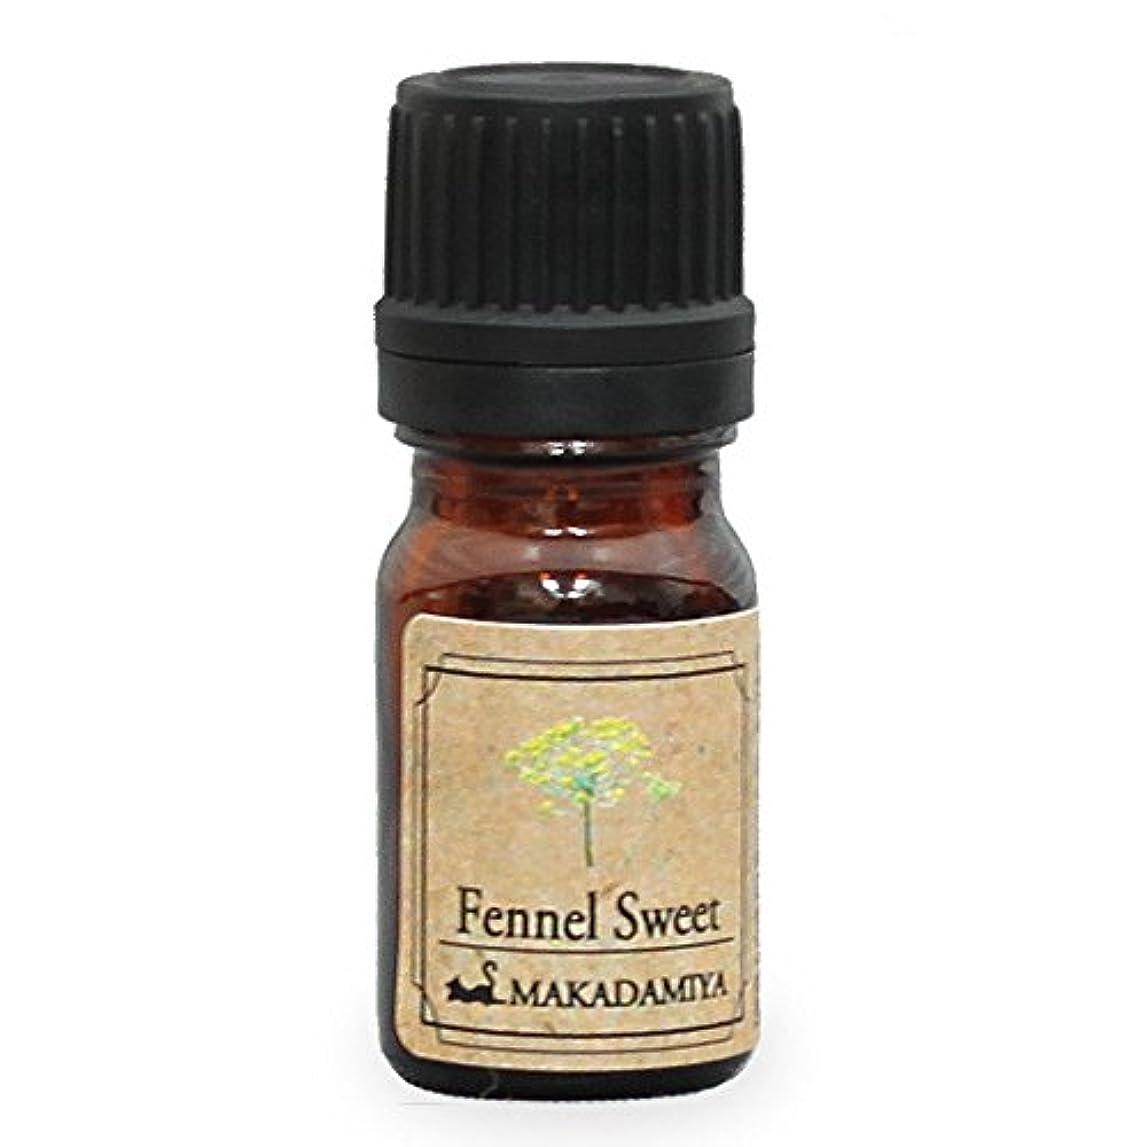 リゾートまっすぐにする要件フェンネルスウィート5ml天然100%植物性エッセンシャルオイル(精油)アロマオイルアロママッサージアロマテラピーaroma Fennel Sweet